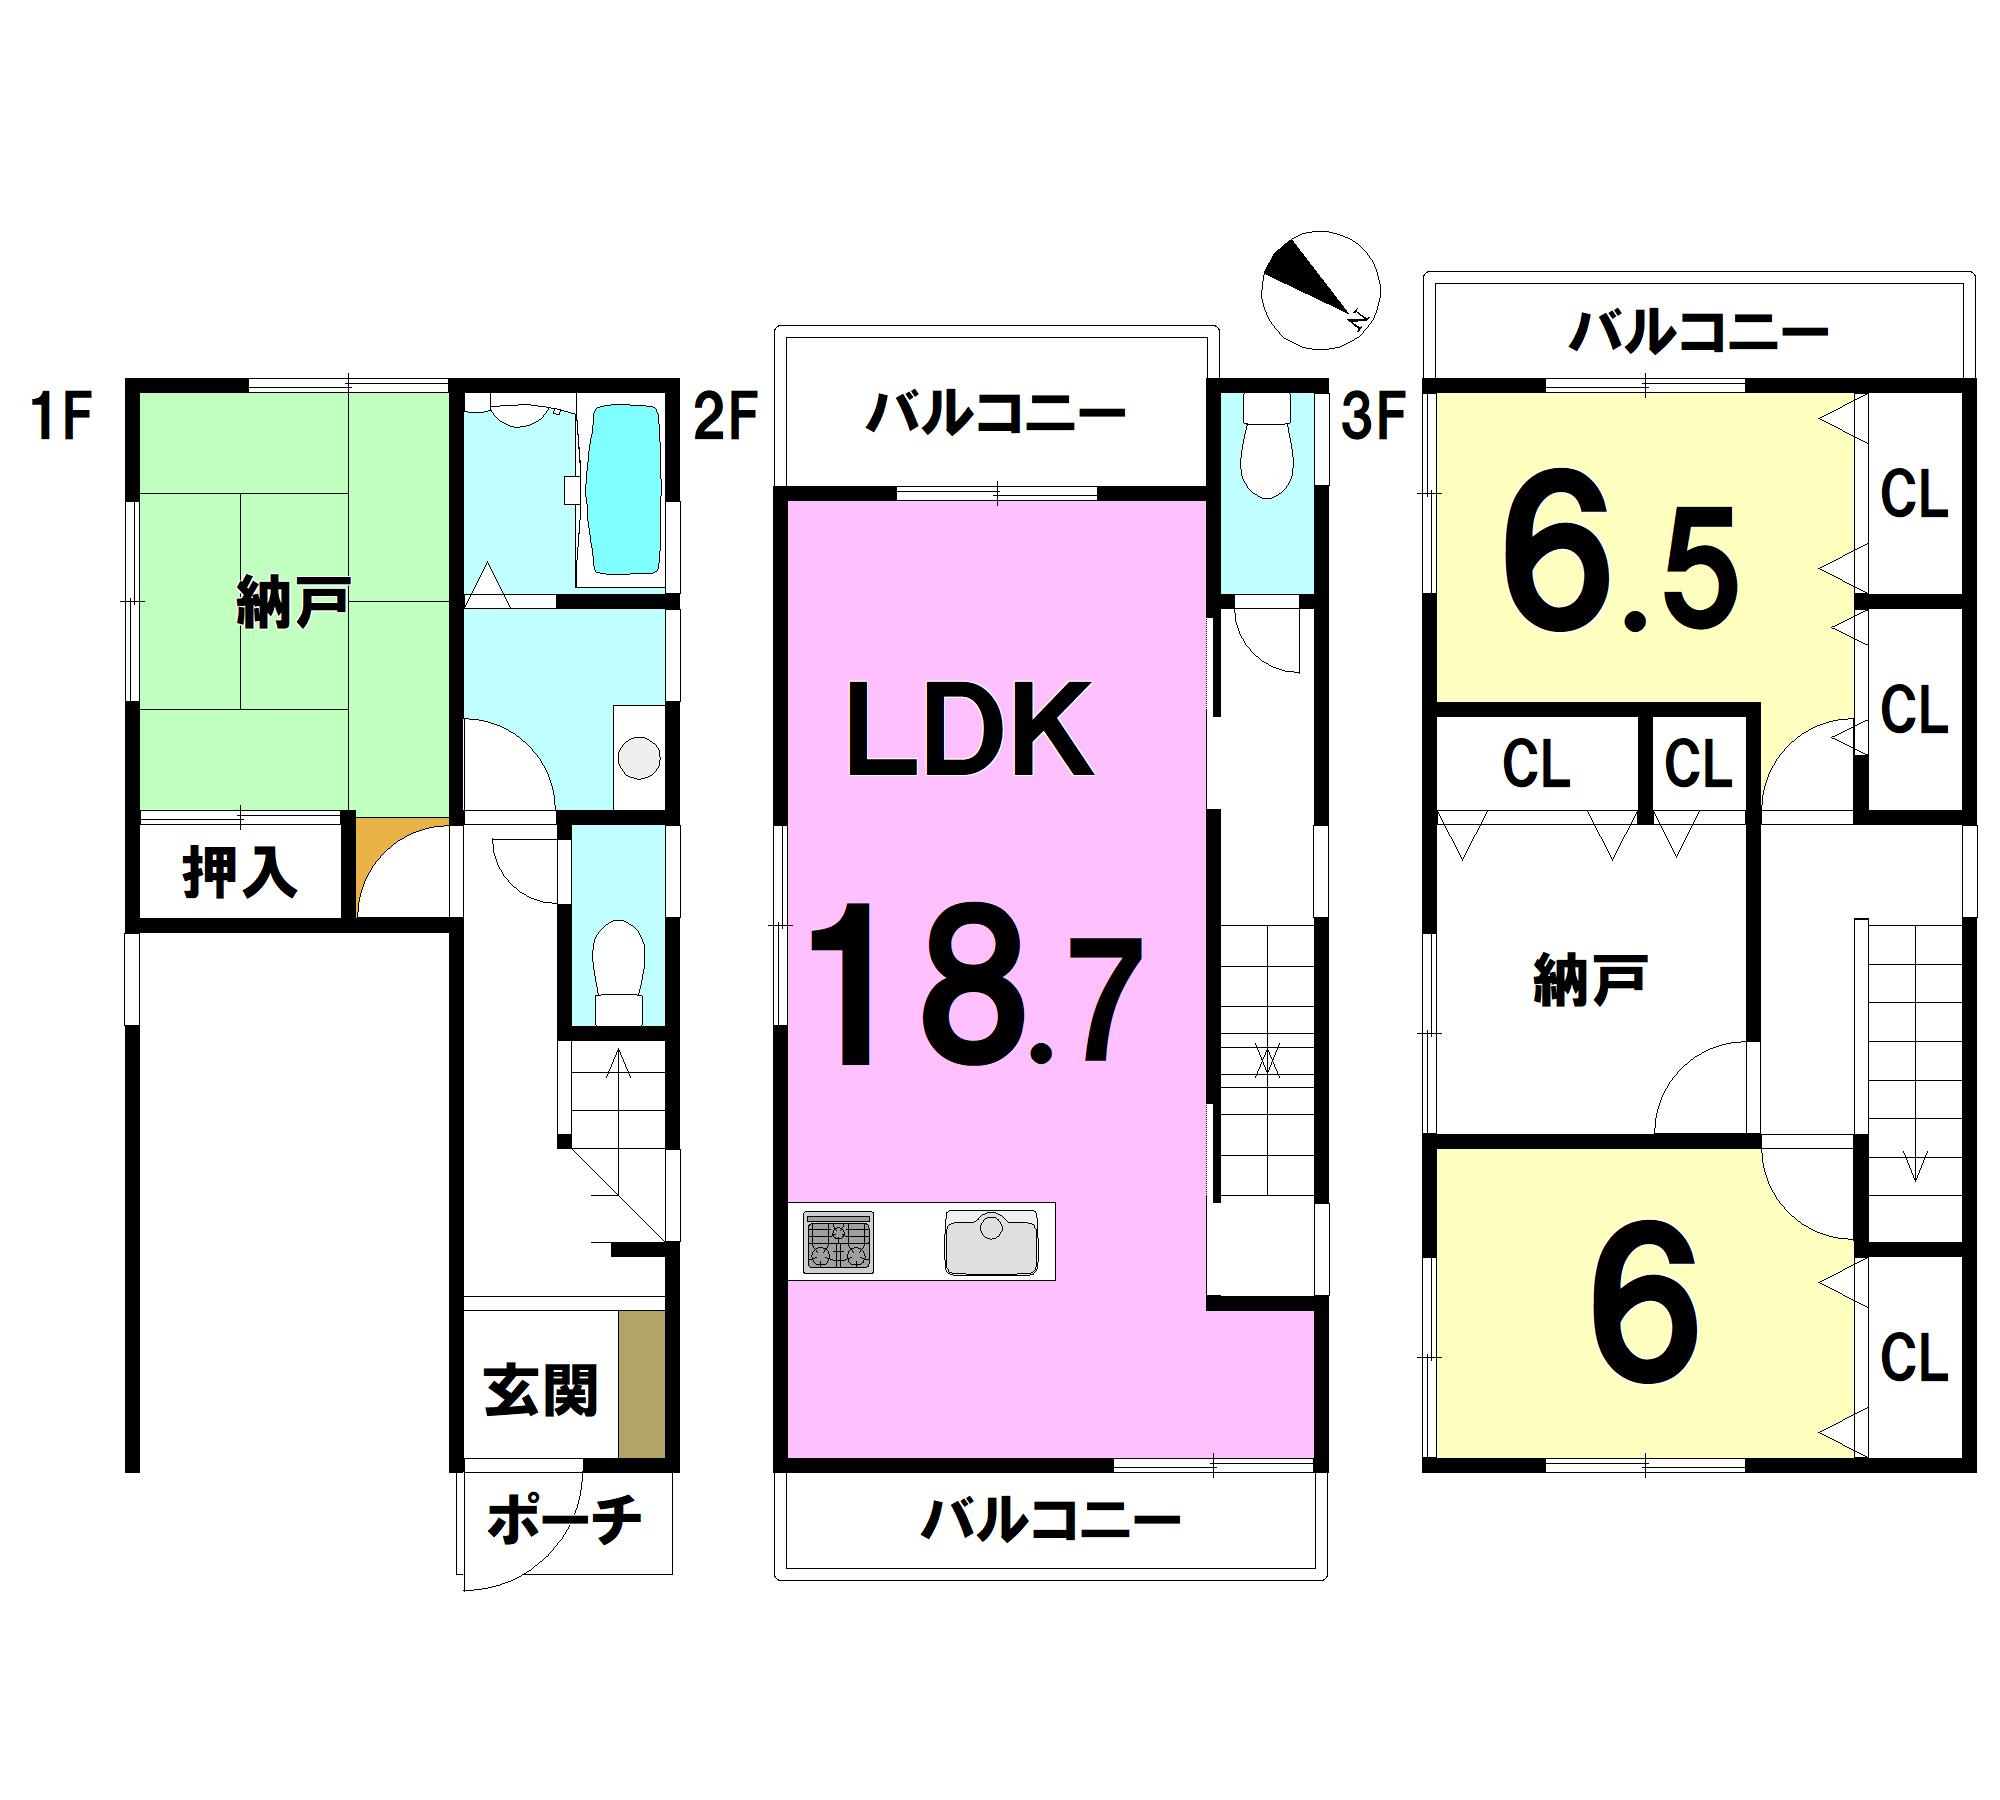 【間取り】 1F:6.5納戸 浴室 洗面 2F:18.7LDK 3F:6.5洋 6洋 4.5納戸